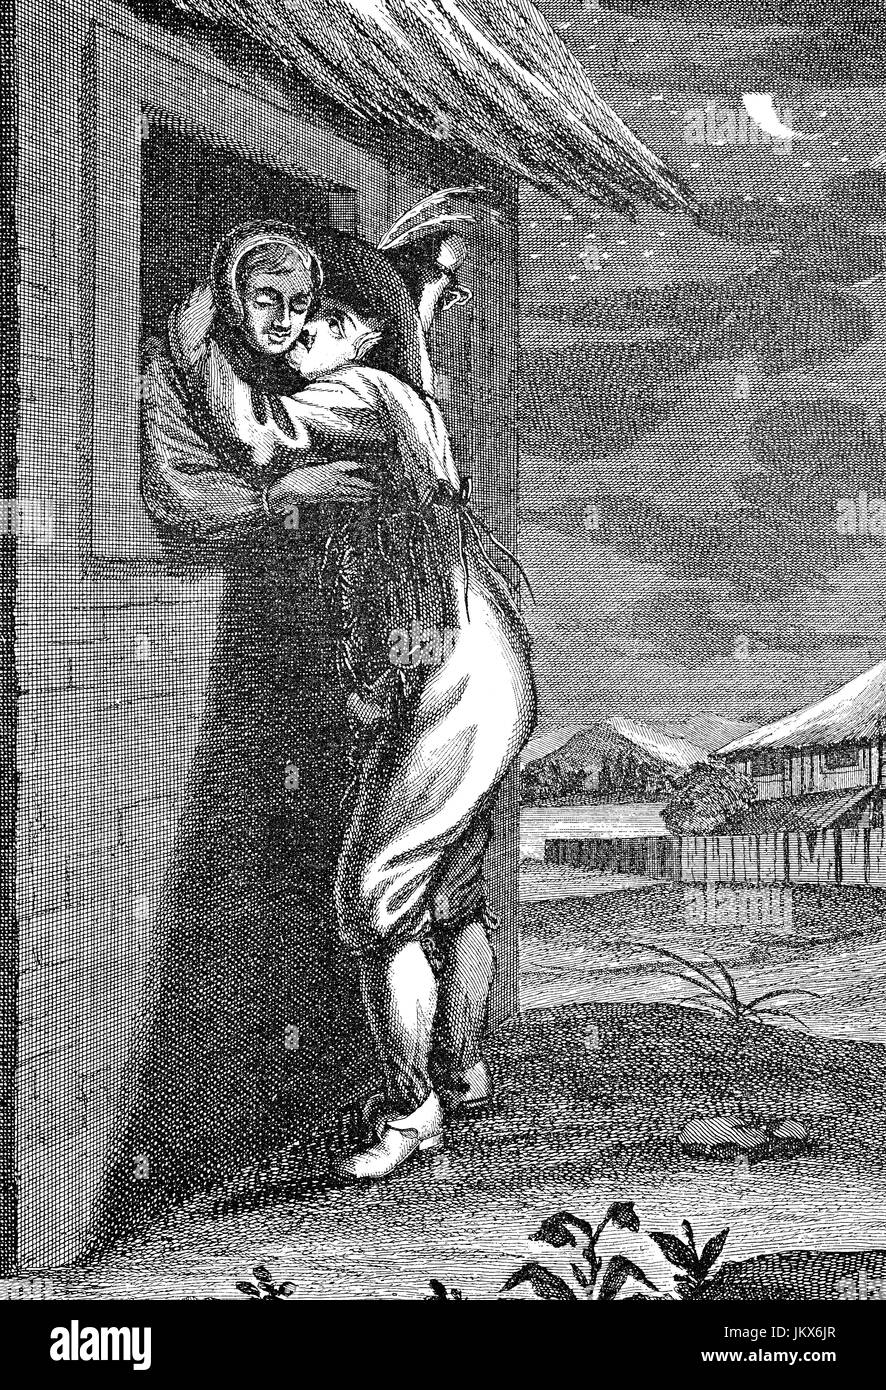 Digital verbessert:, der Bauer heimlich nachts am Fenster seiner Geliebten, Kupfer Gravieren von Augsburg, Veröffentlichung Stockbild